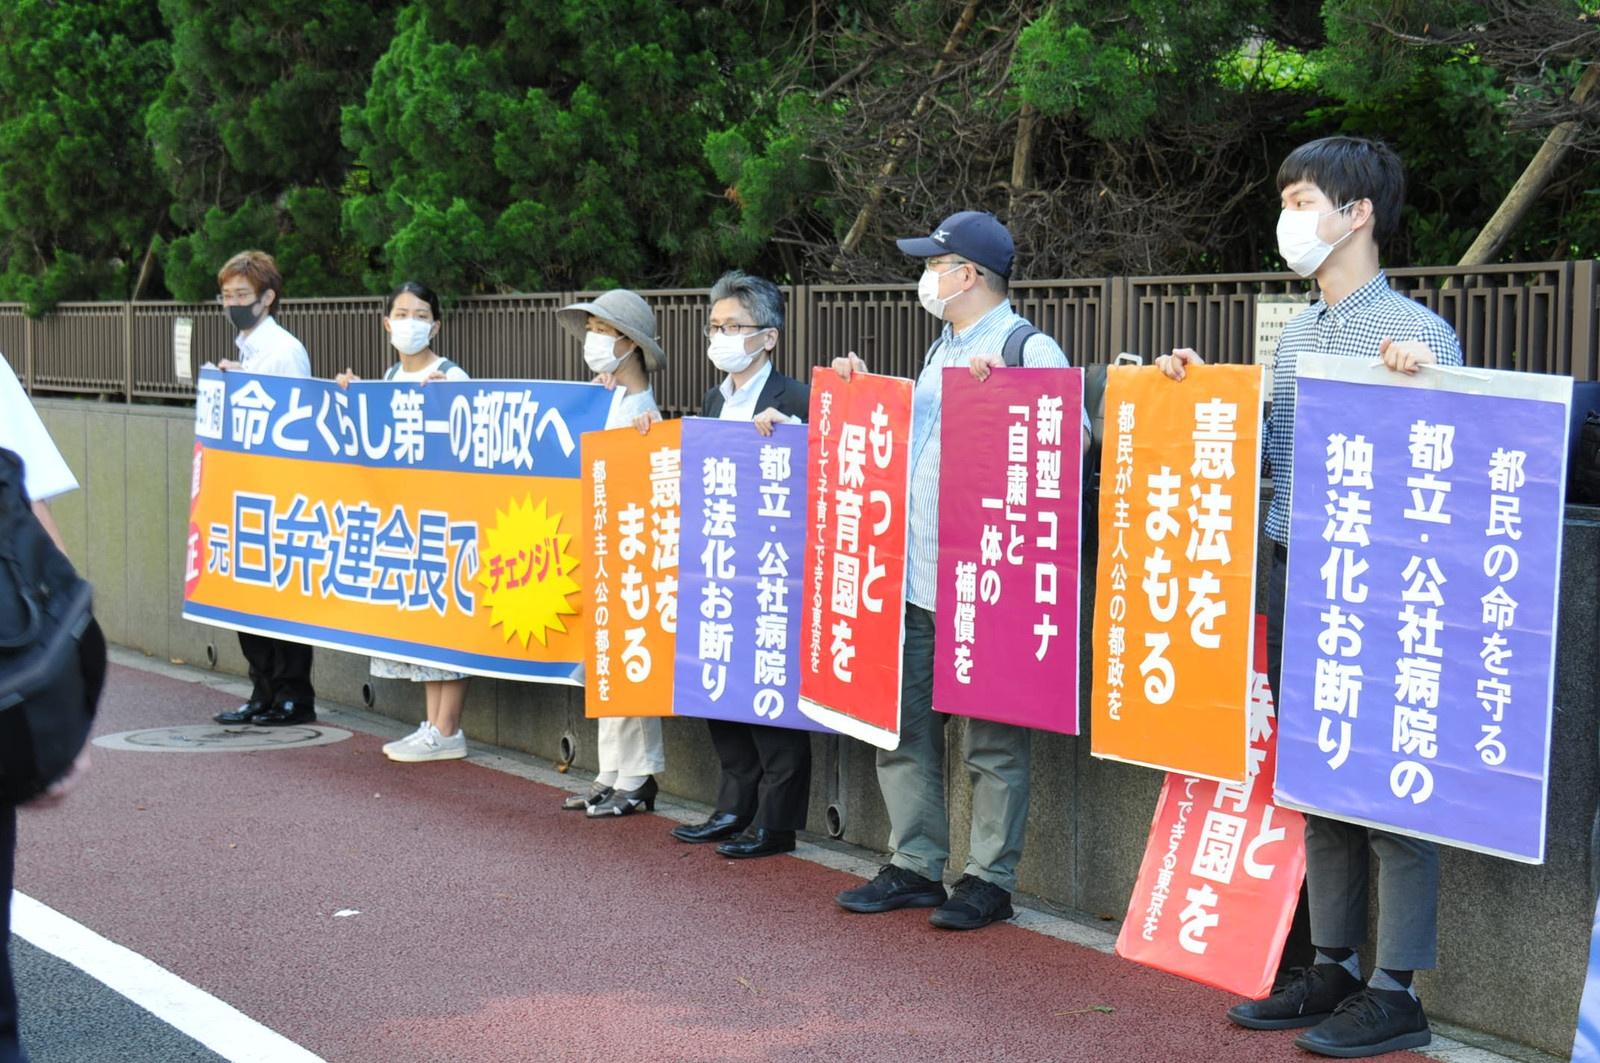 プラスターを掲げる「希望のまち東京をつくる弁護士の会」の人たち